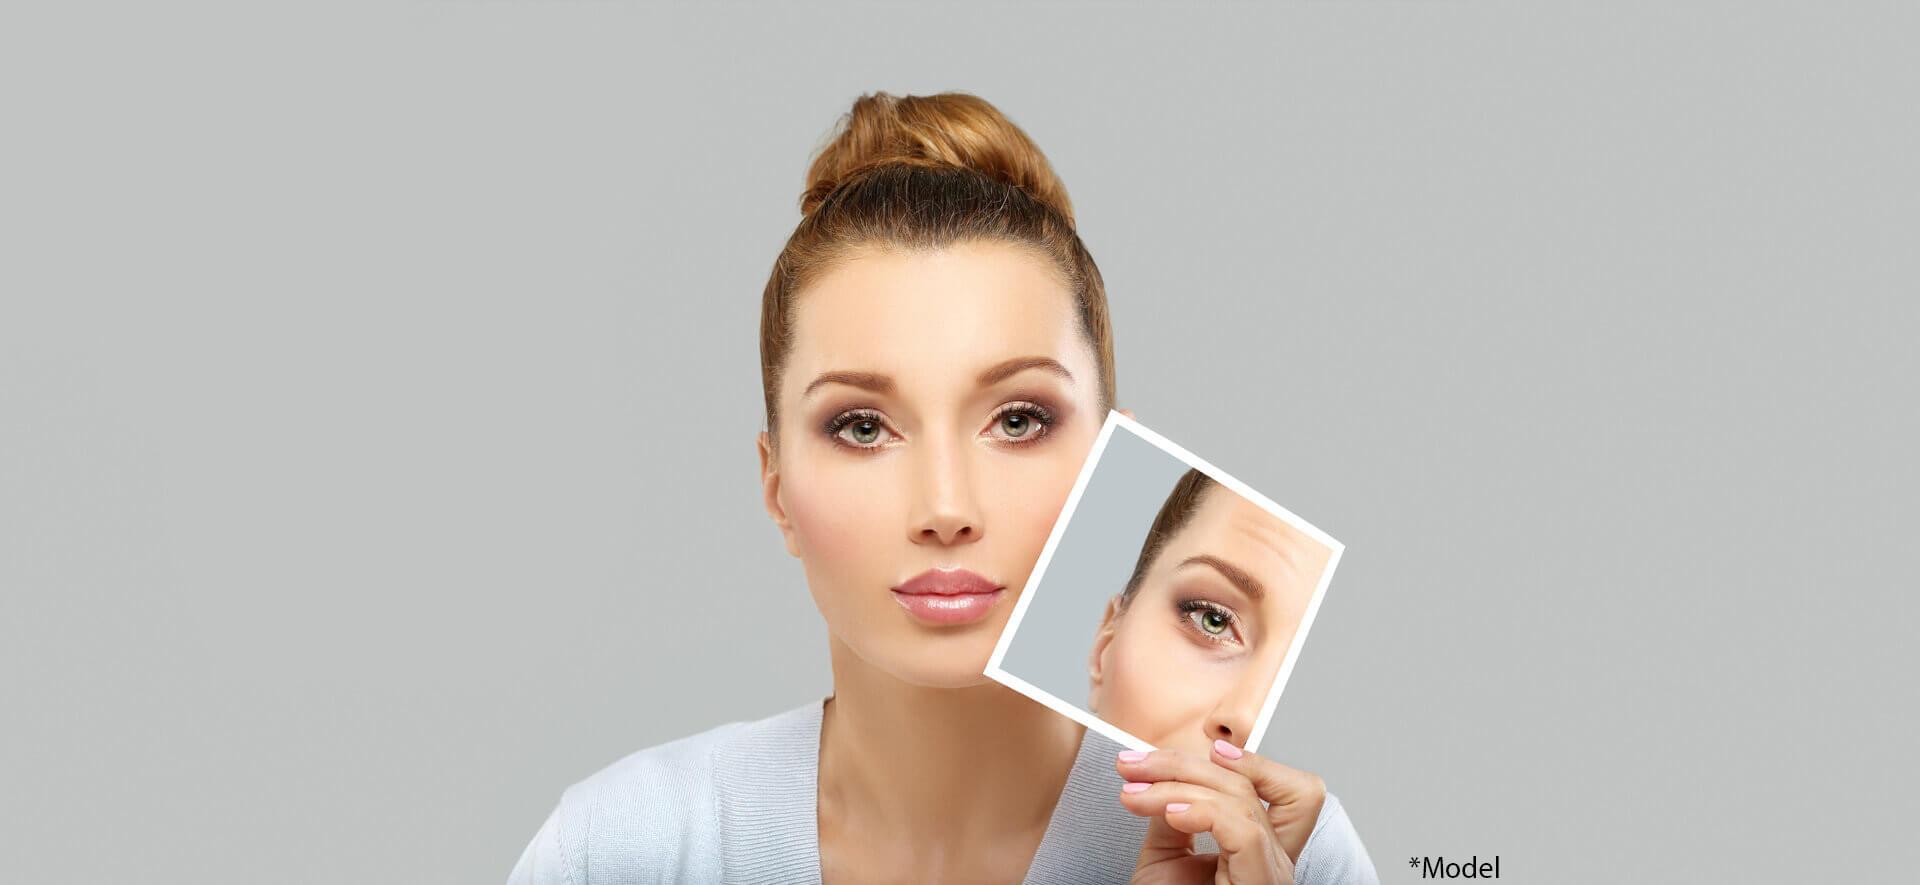 Lady showing image of lower Eyelid Blepharoplasty